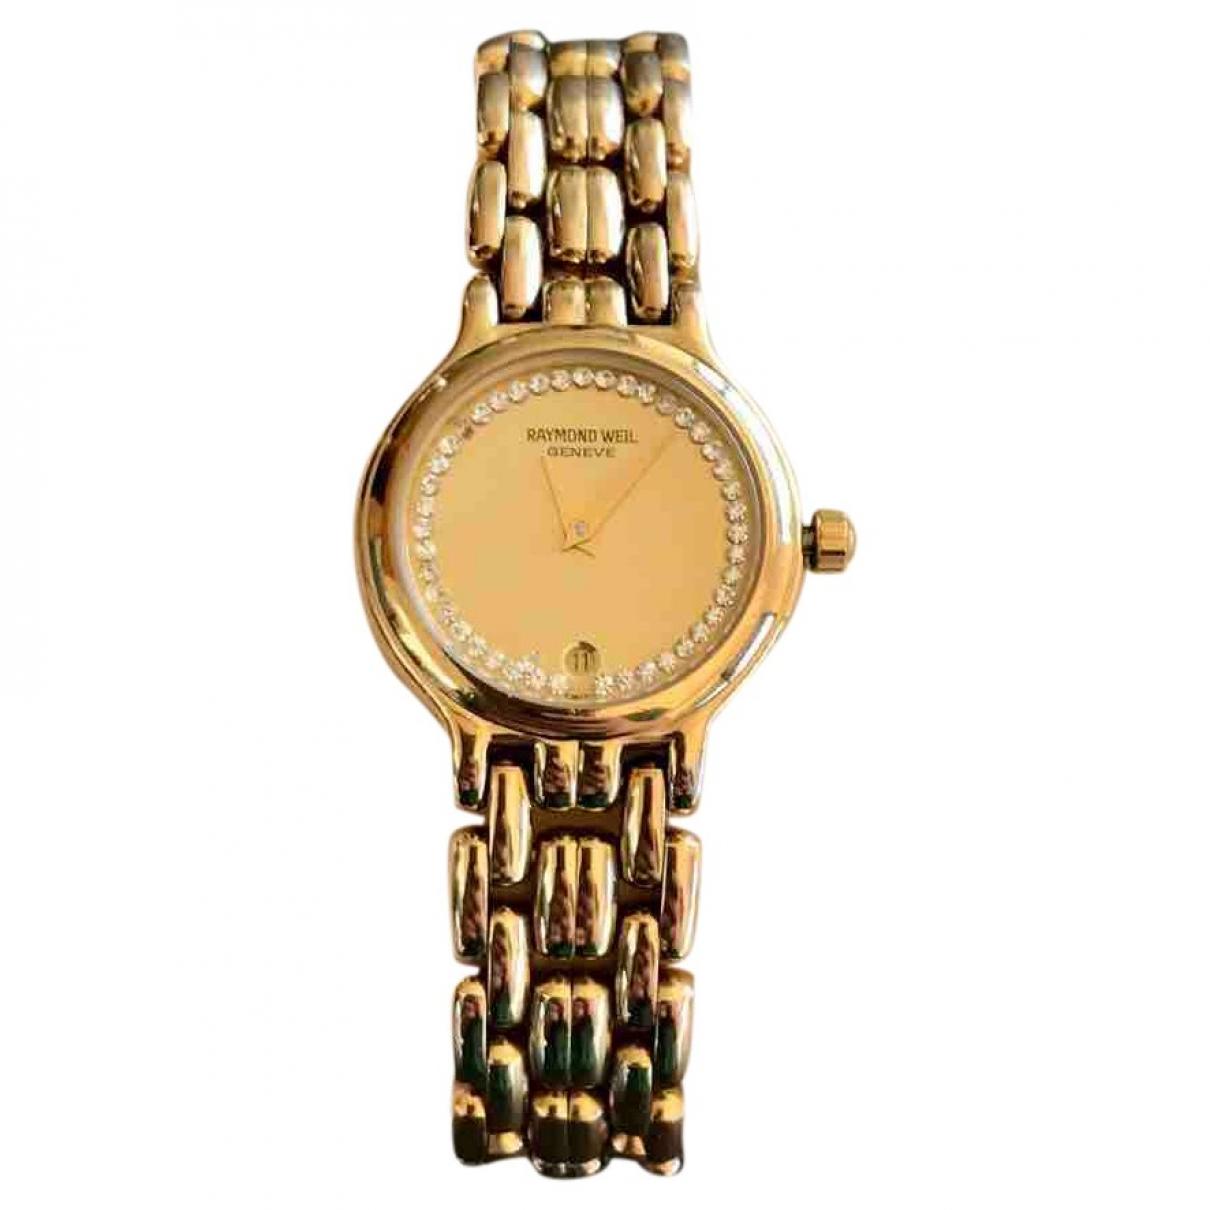 Raymond Weil \N Uhr in  Gold Vergoldet